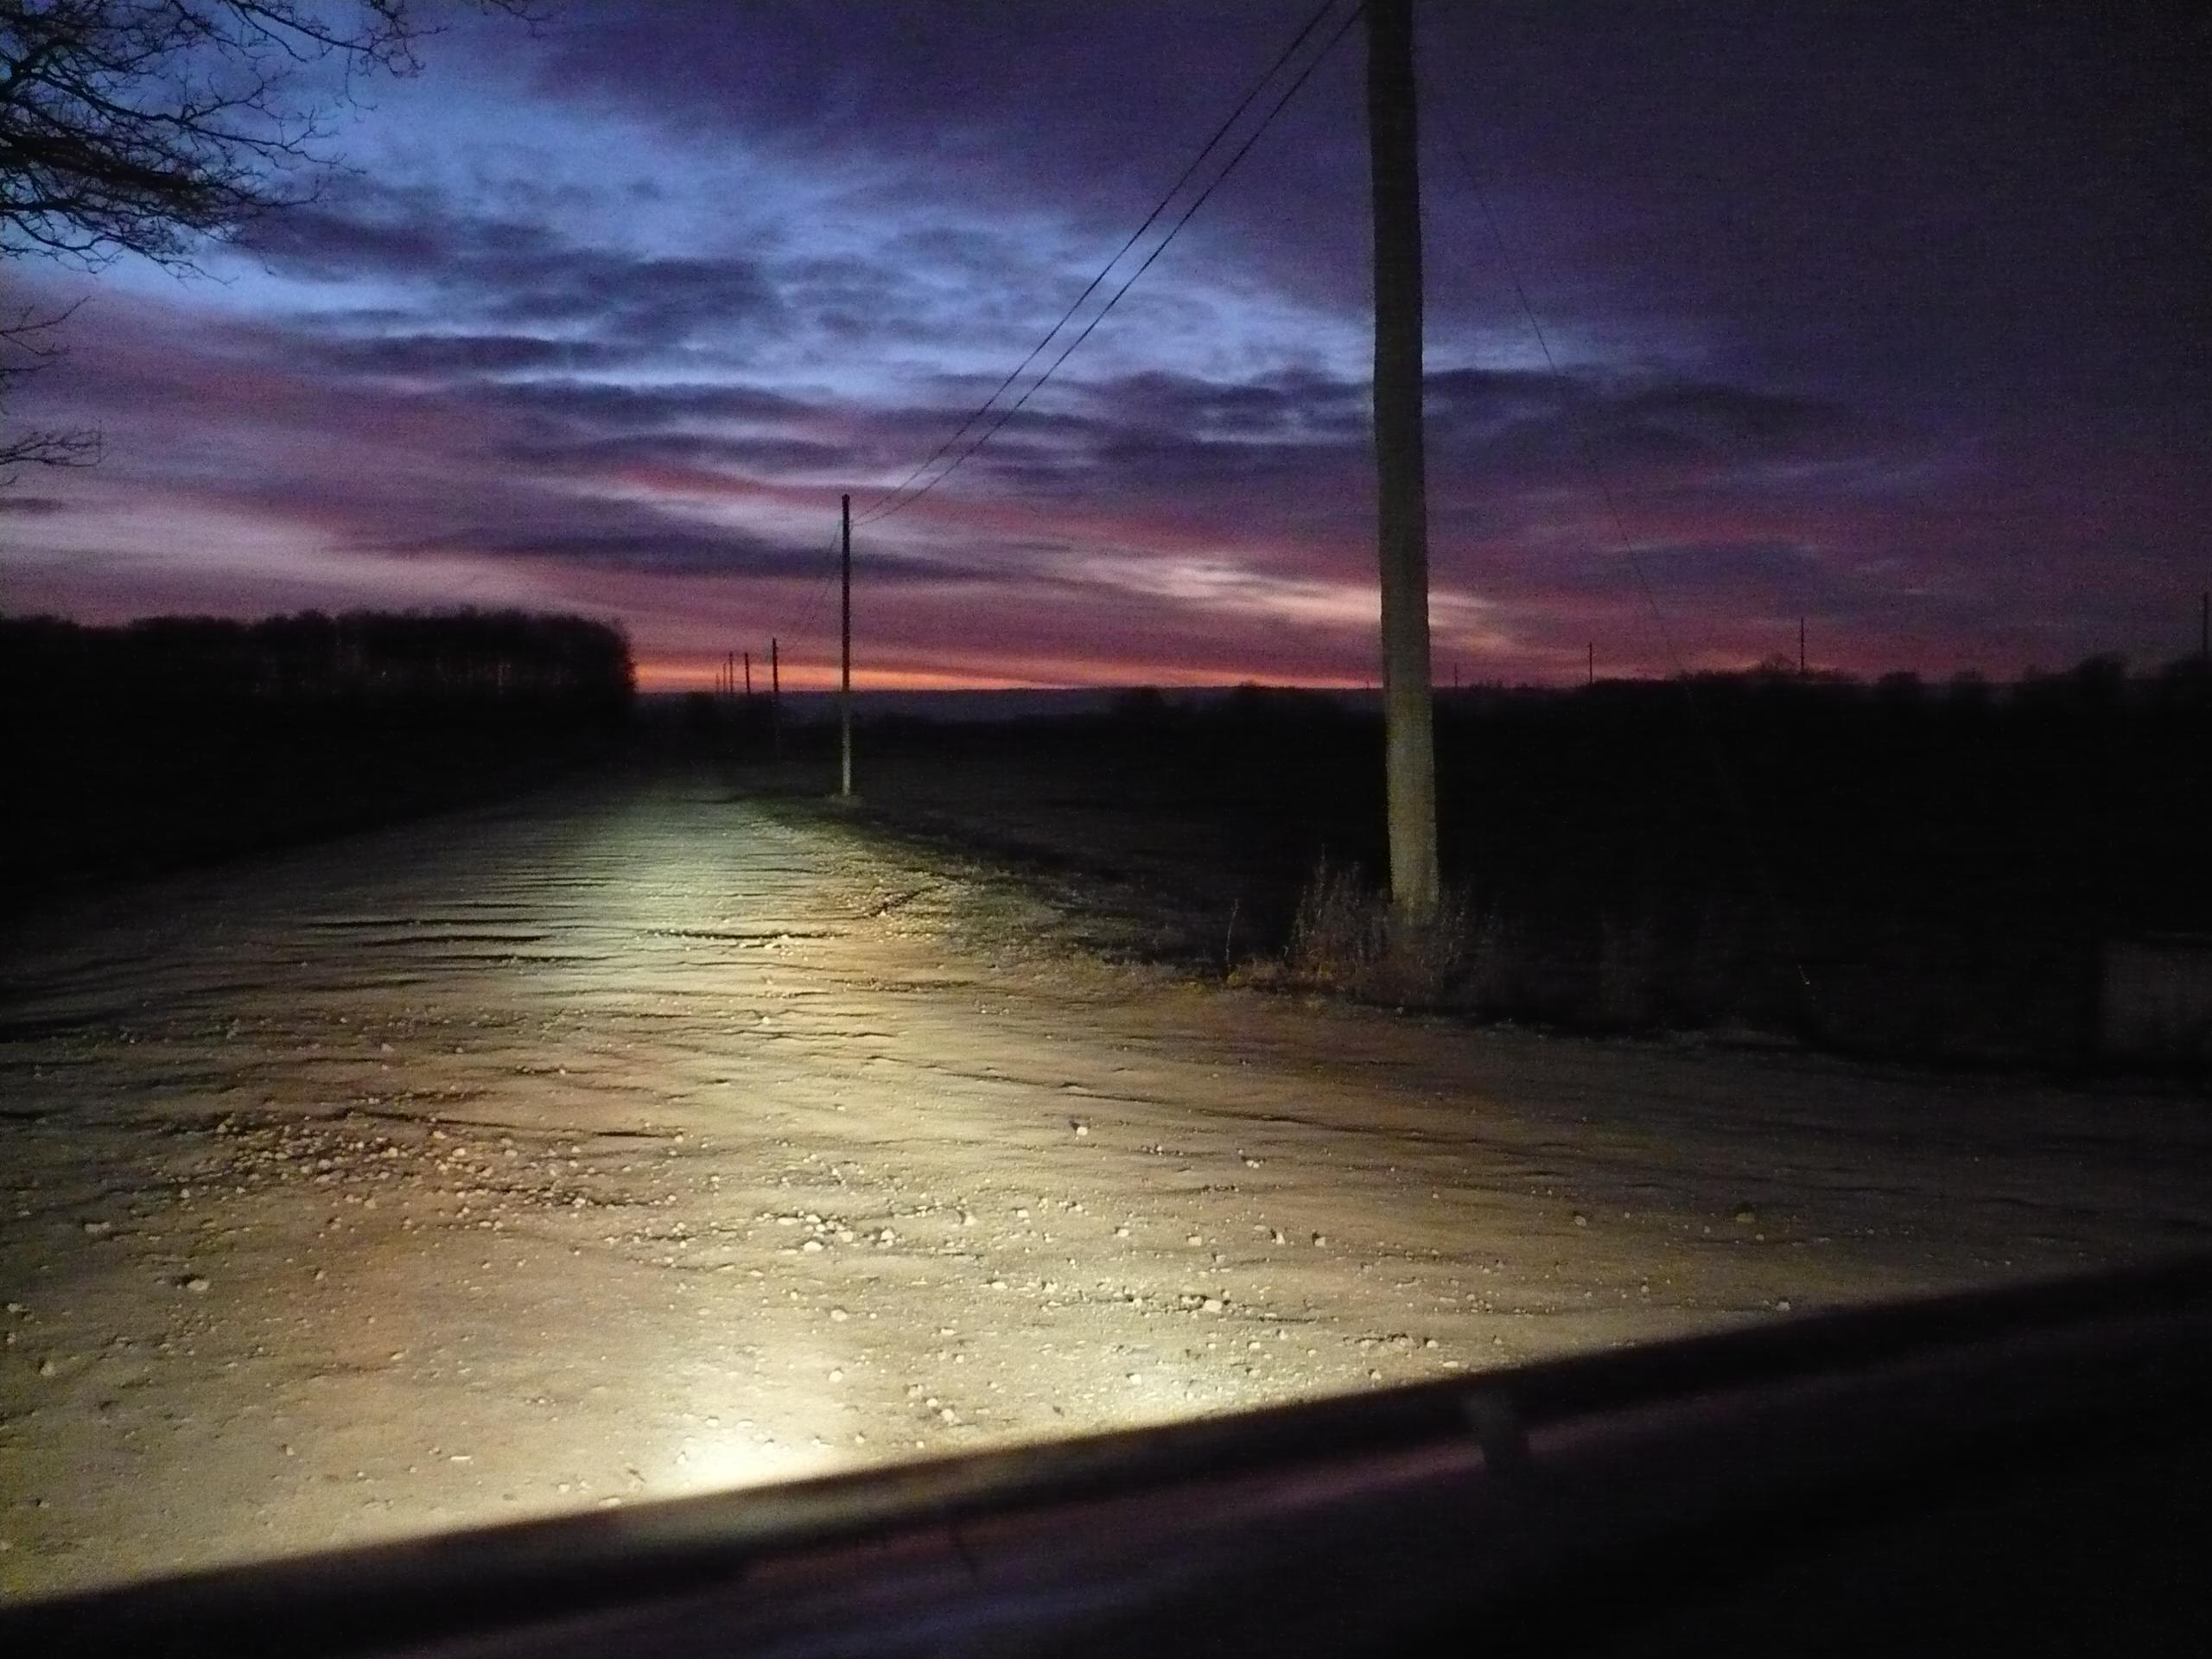 FileCountry Road At Night